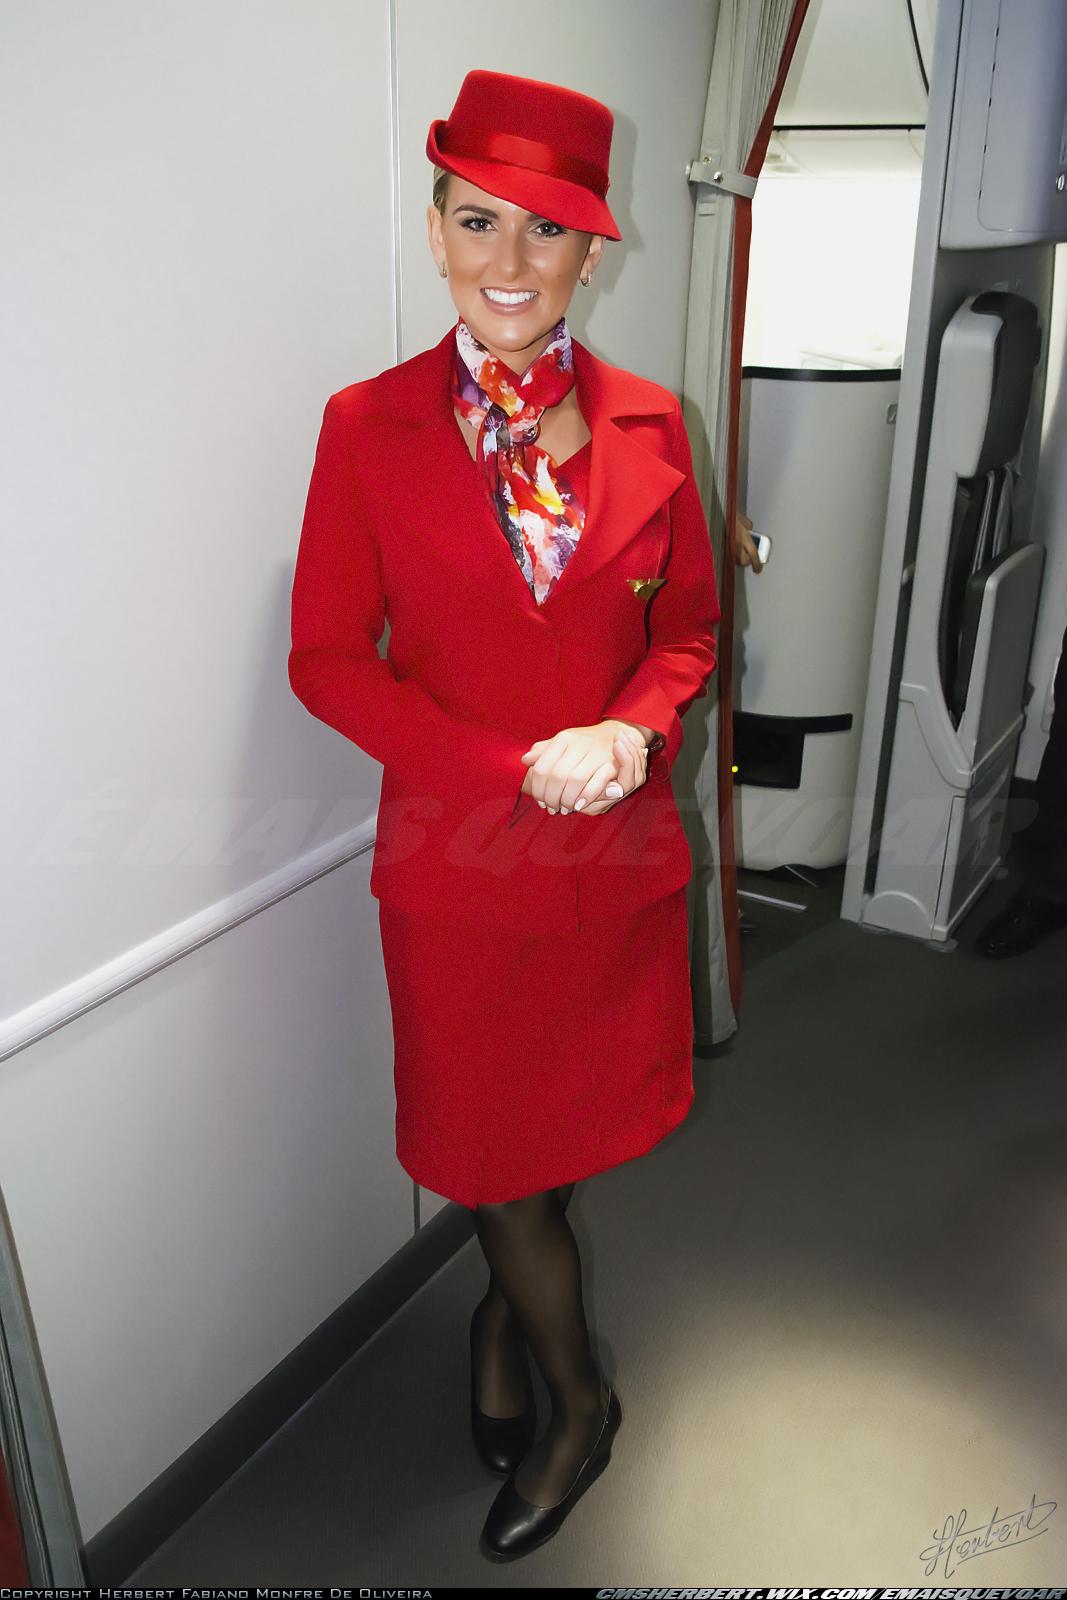 Conheça o novo uniforme da Avianca Brasil 7c375def37a